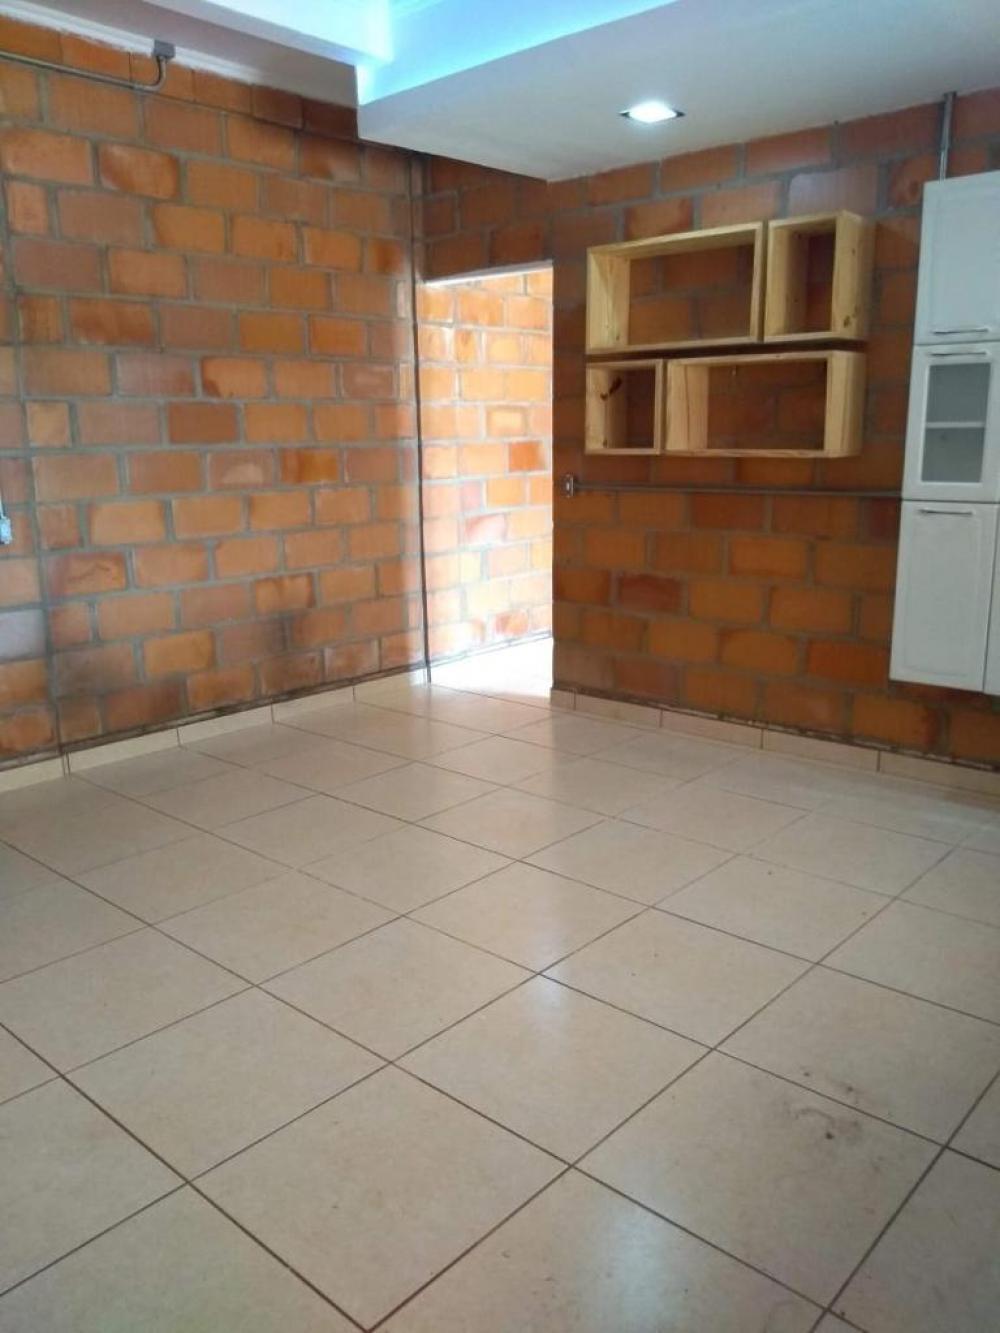 Comprar Casa / Sobrado em Bonfim Paulista R$ 355.000,00 - Foto 4